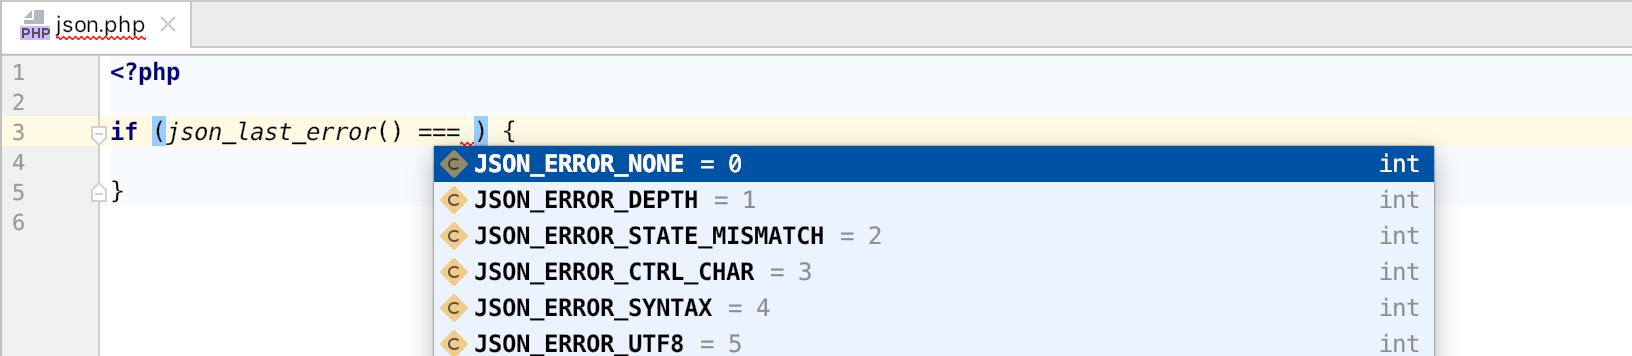 PhpStorm 2019.1: Отладка шаблонов Twig и Blade, поиск мертвого кода, улучшенное автодополнение и многое другое - 10